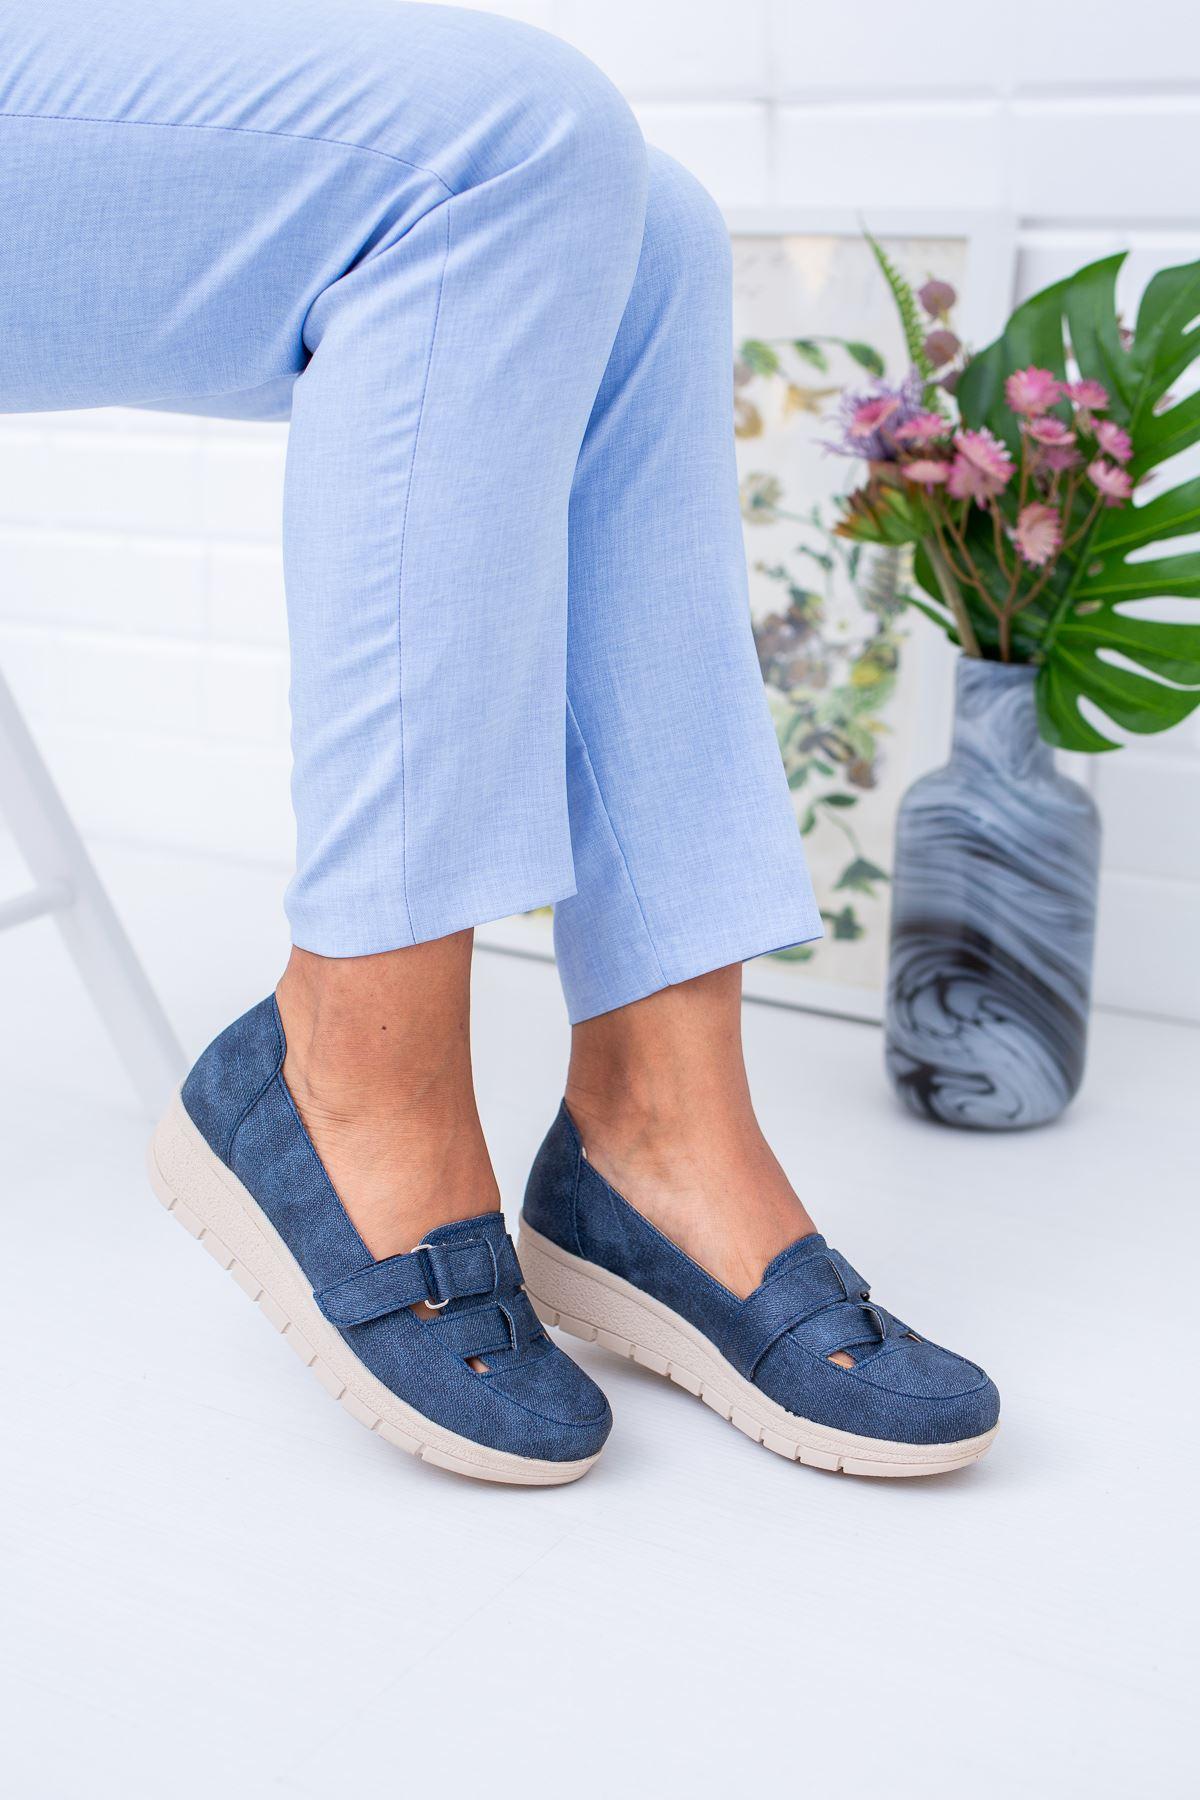 Dolgu Taban Cırtlı Ortopedik Pedli Lacivert Ayakkabı